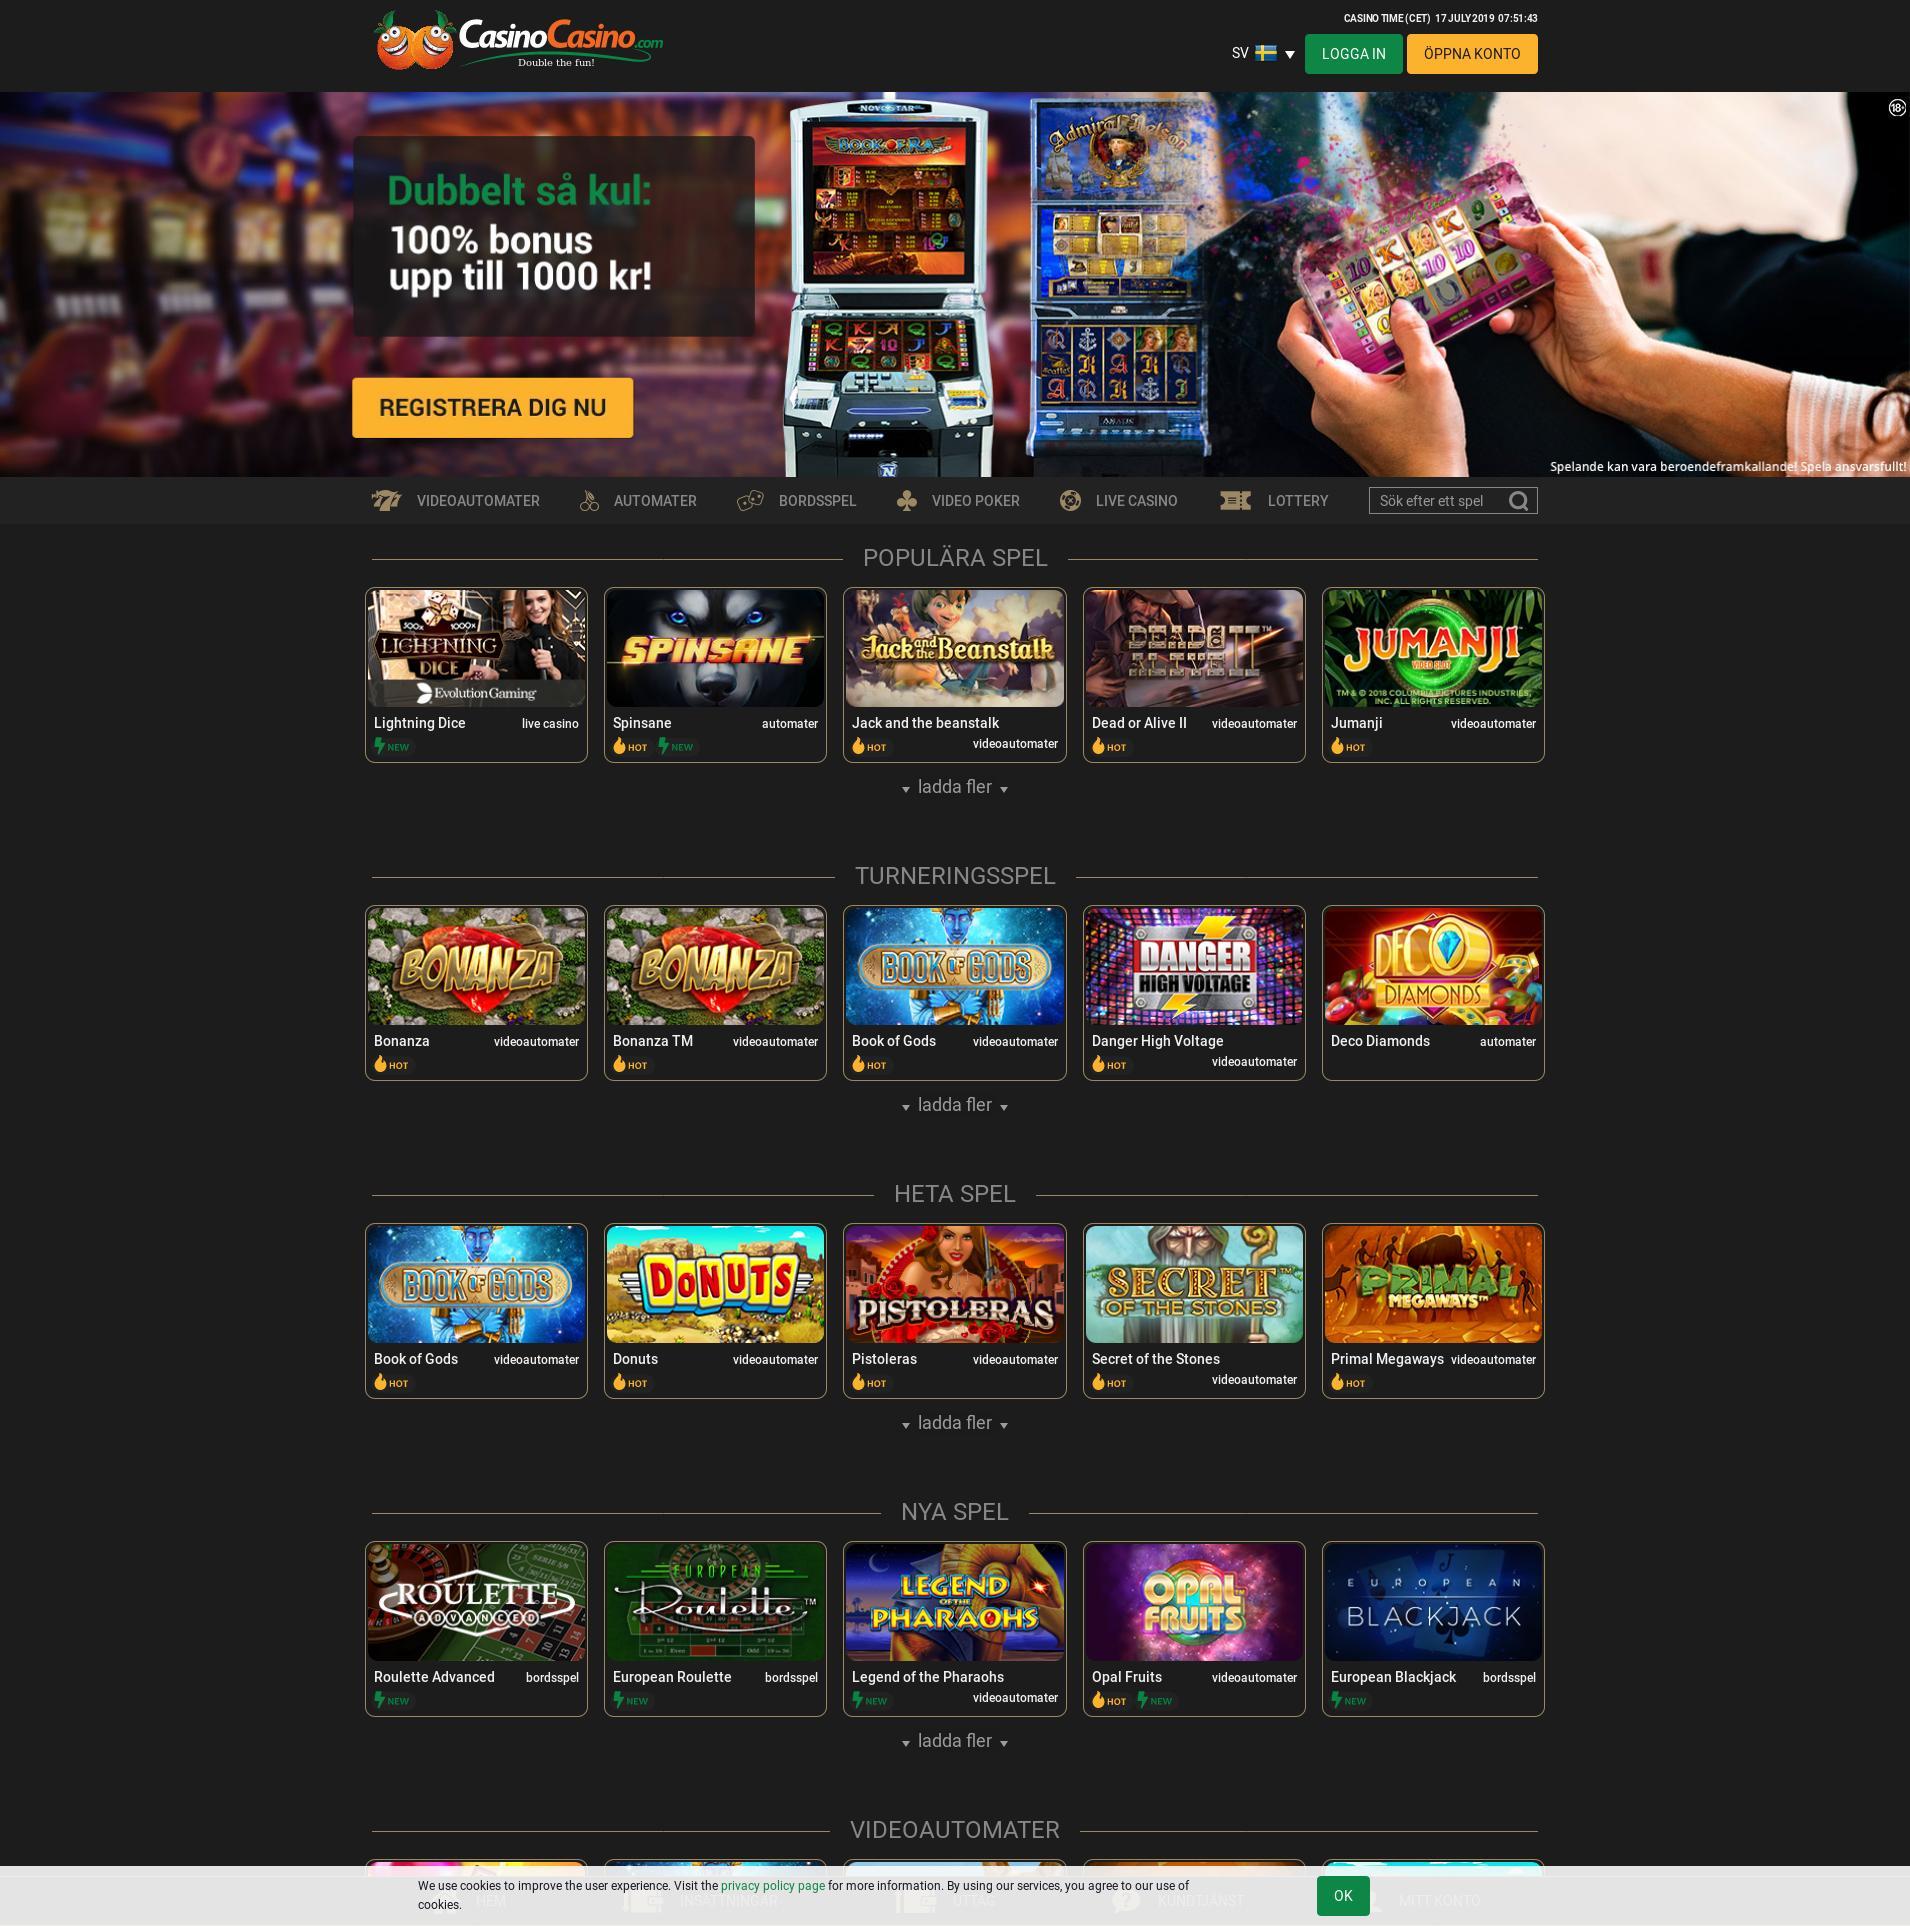 Casino skärm Lobby 2019-07-17 för Sverige